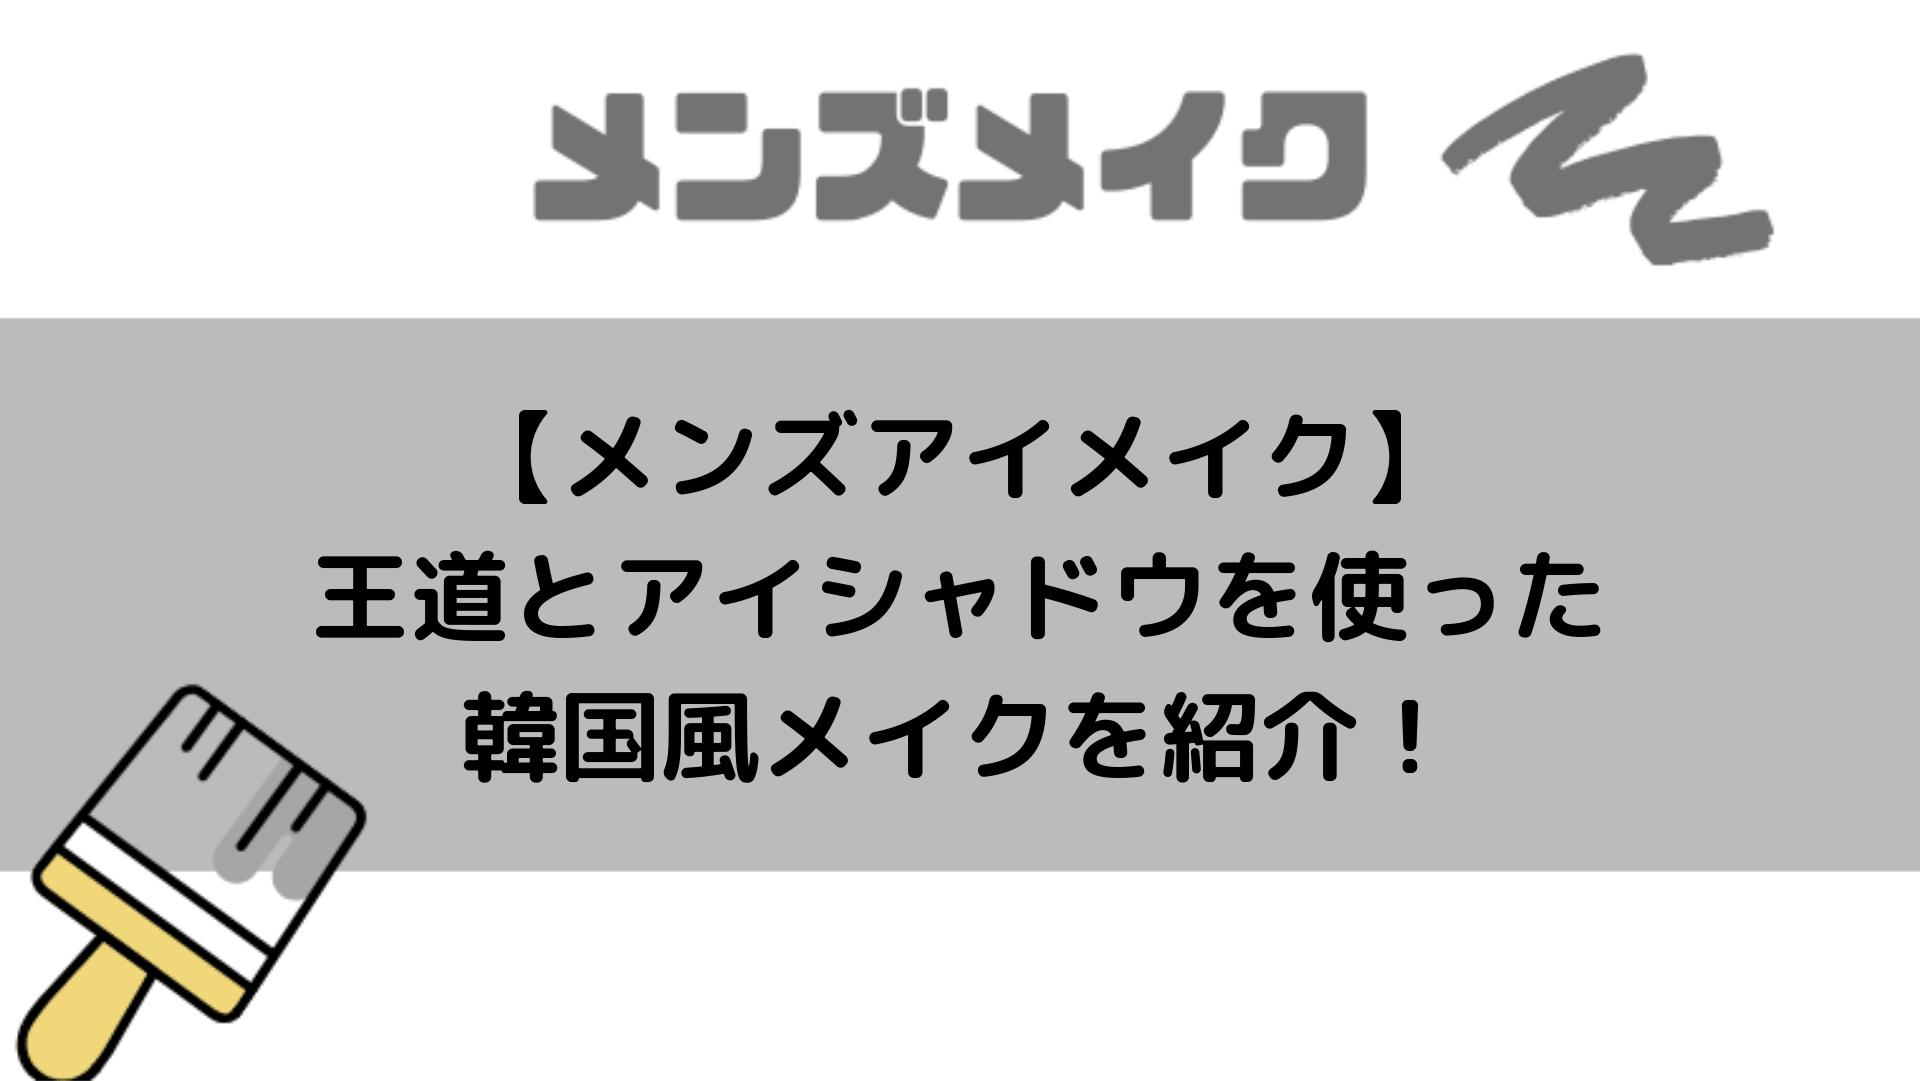 【メンズアイメイク】王道とアイシャドウを使った韓国風メイクを紹介!